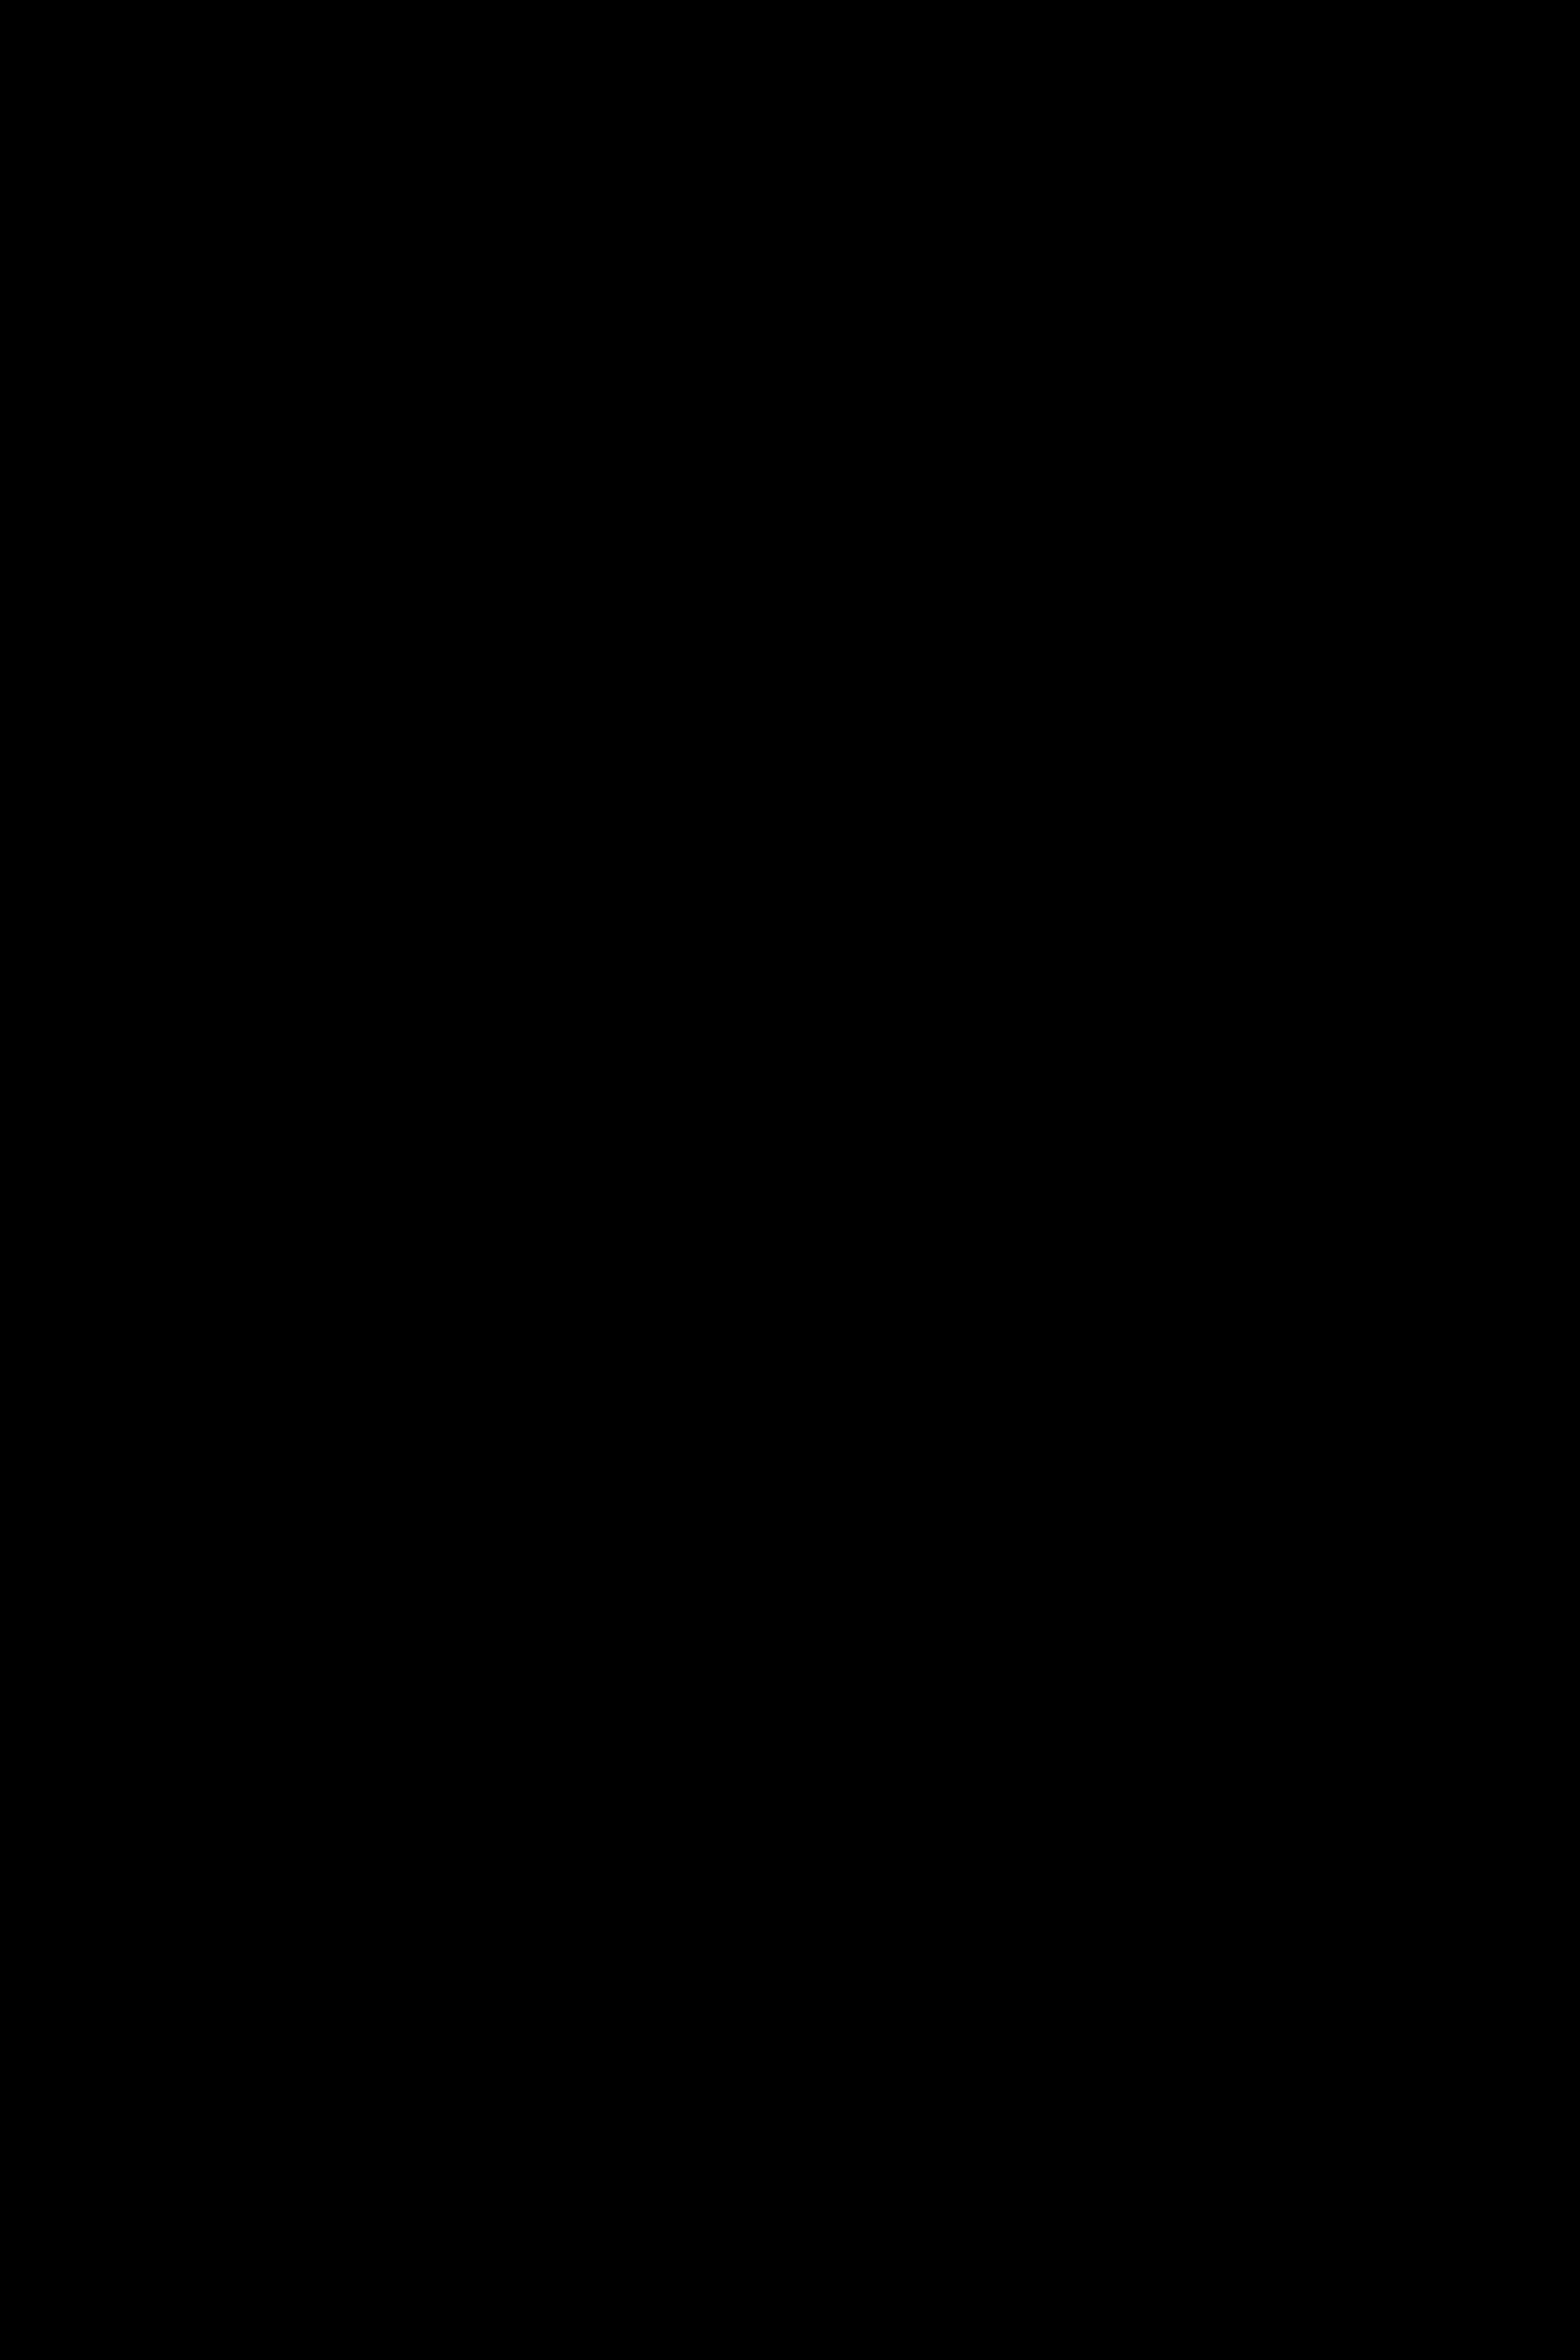 ארון מטבח גבוה בצבע שחור